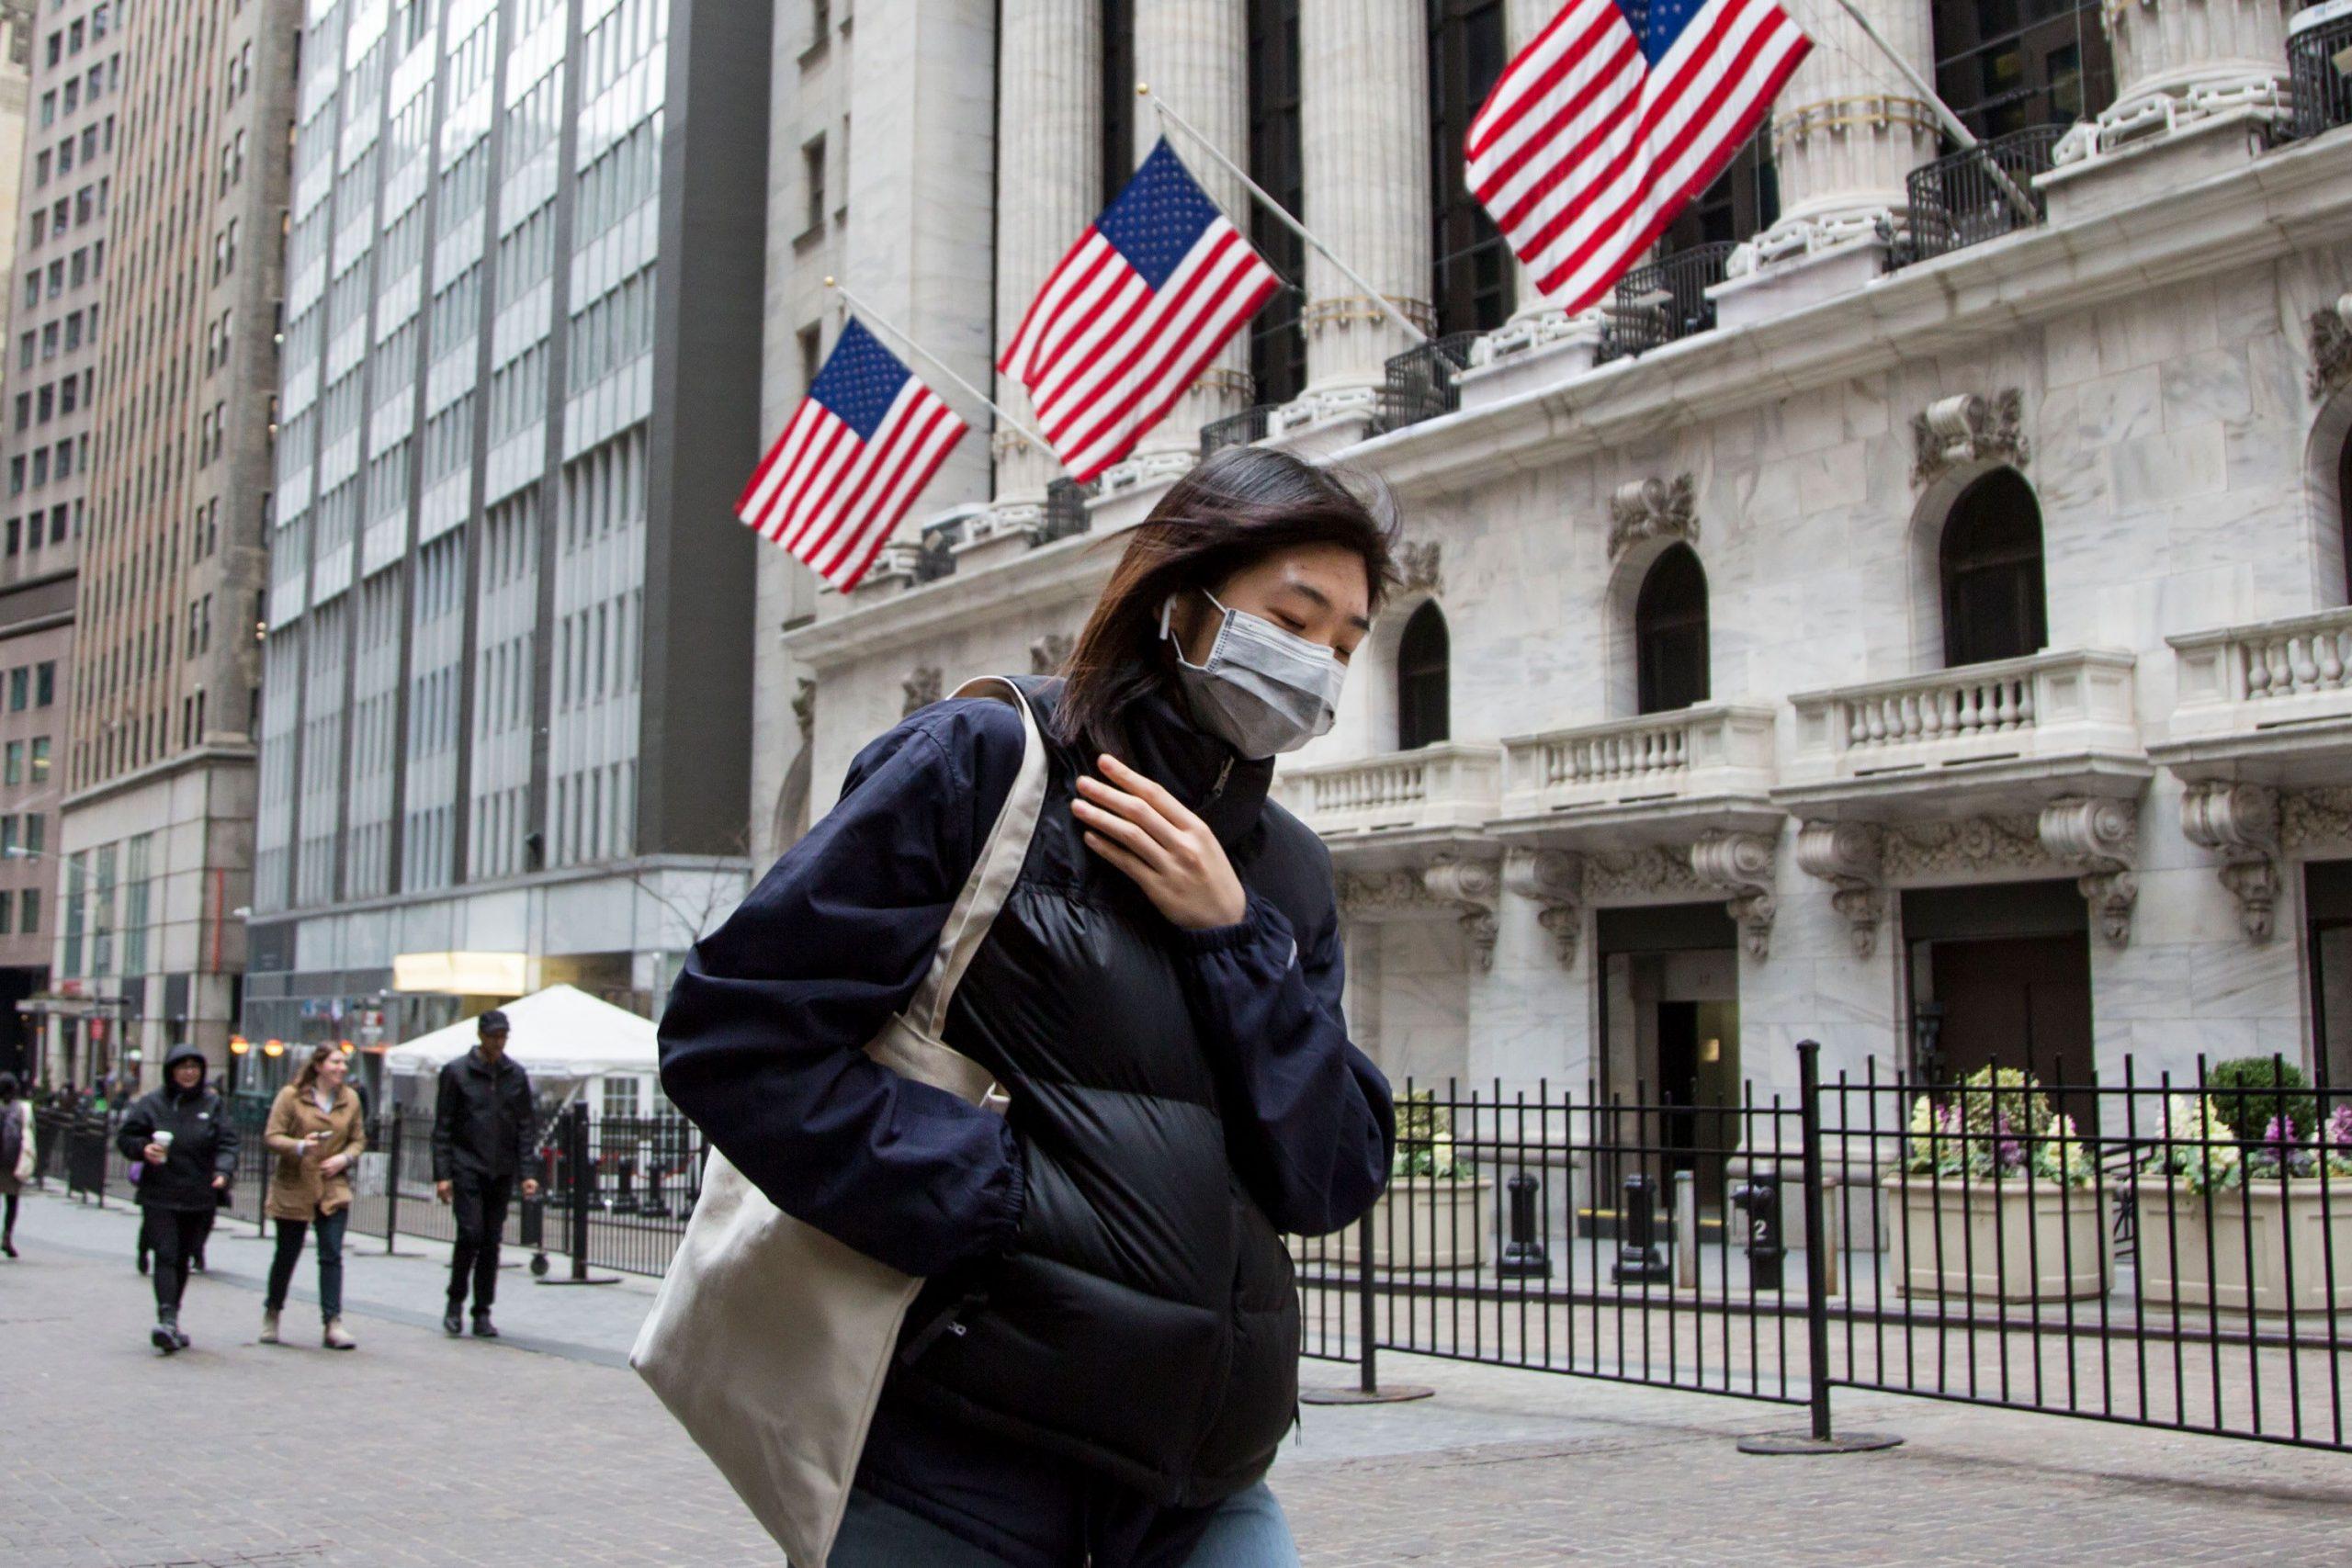 سهام نزدک داوجونز کرونا scaled - ۵ نکته که پیش از شروع بازار سهام باید بدانید؛ سهشنبه ۴ آگوست (۱۴ مرداد)